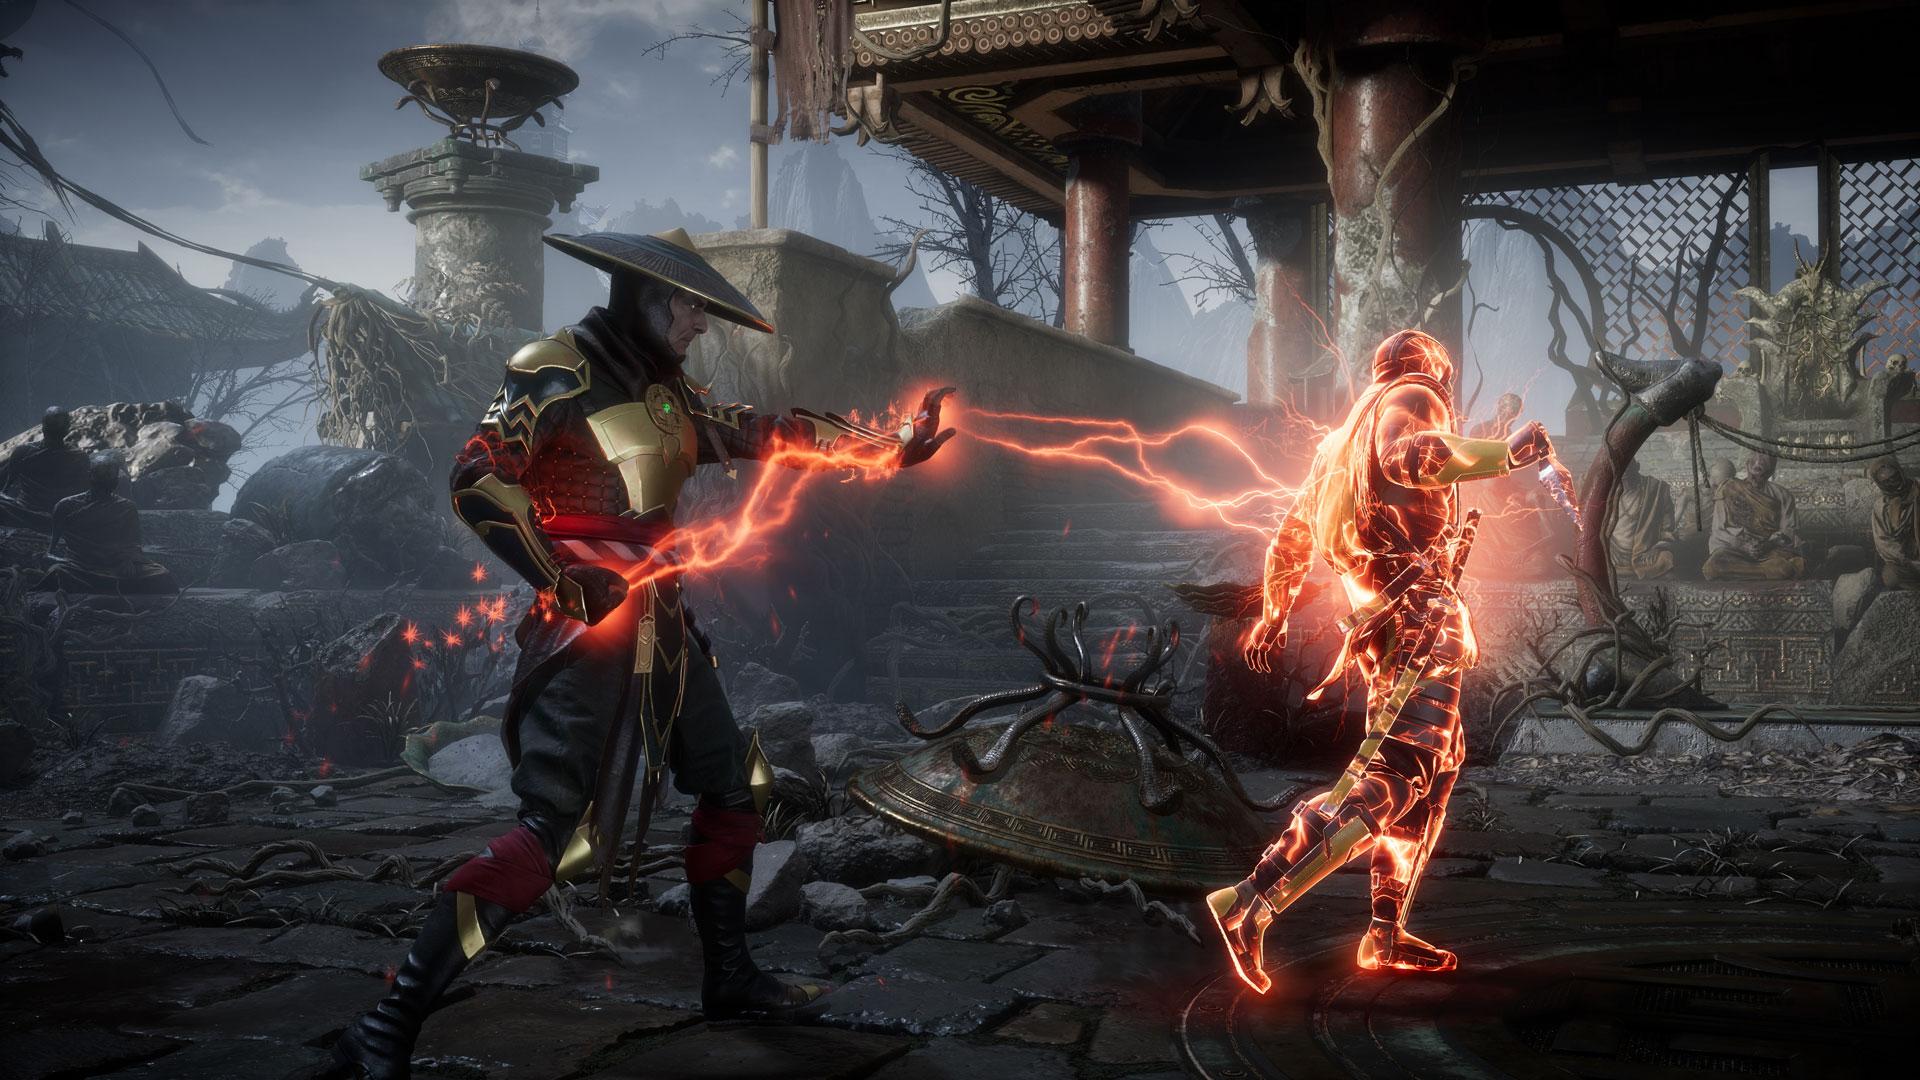 Unikla soupiska bojovníků pro Mortal Kombat 11